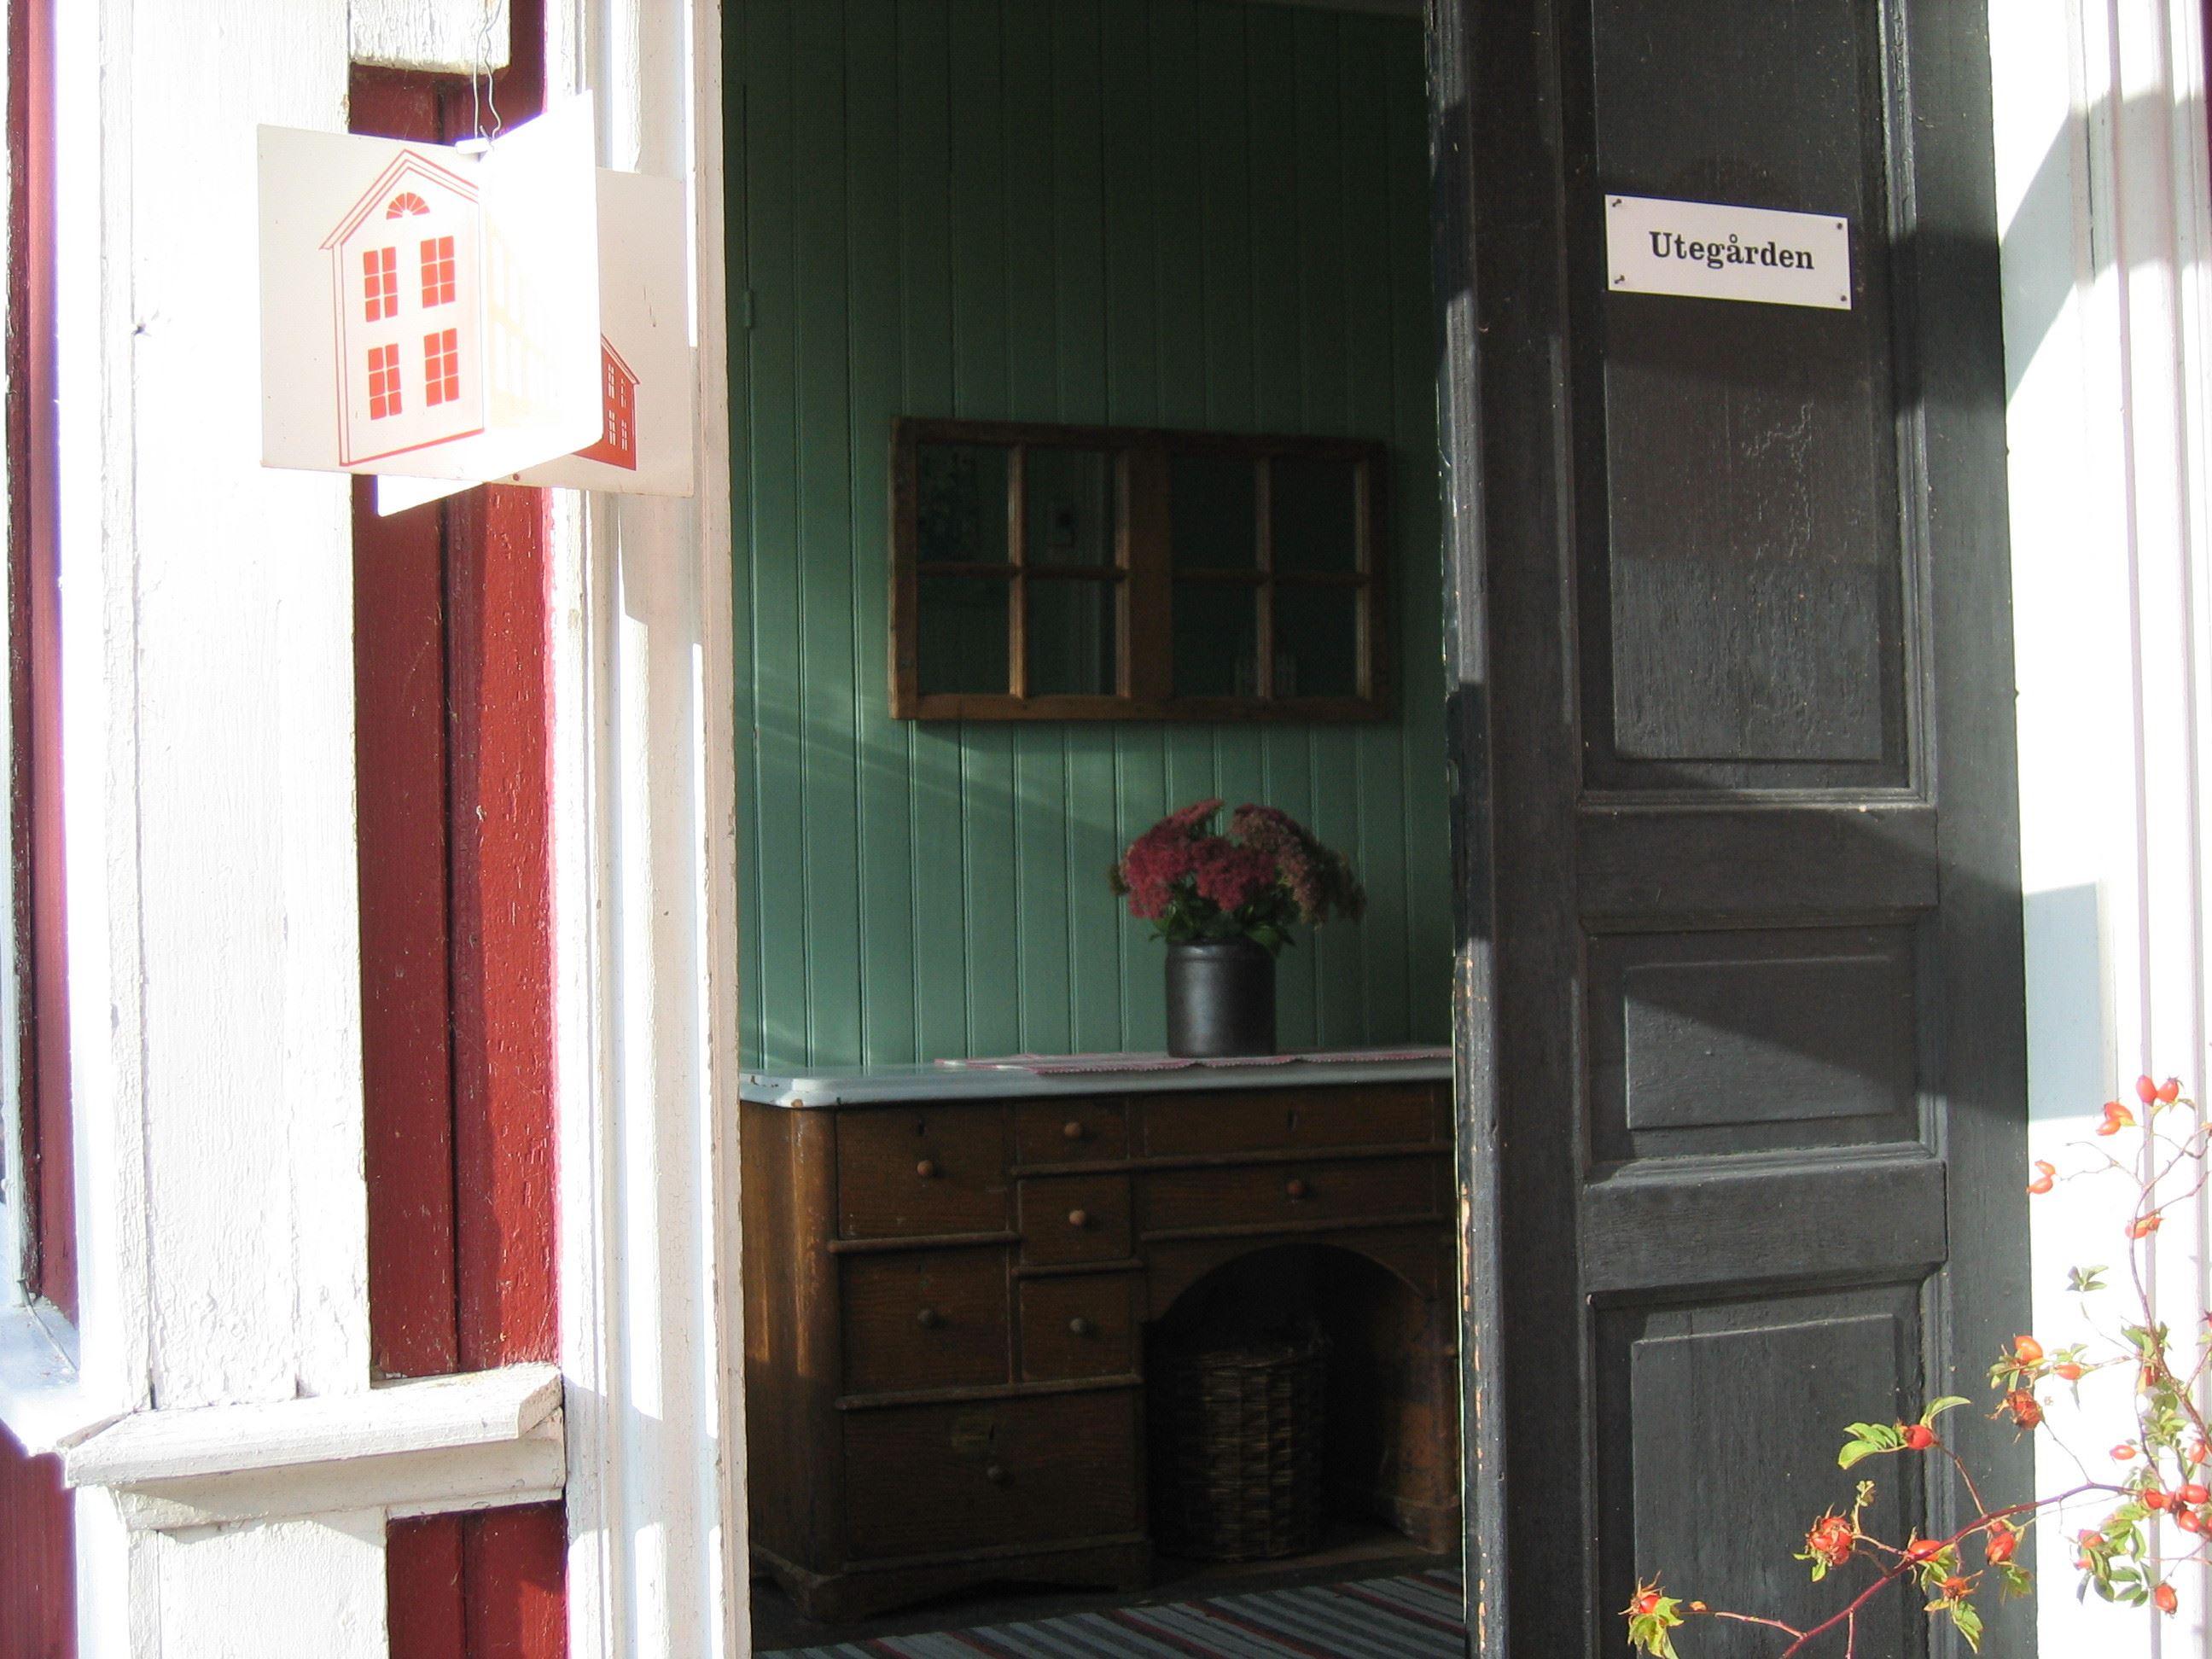 Bo på Hälsingegård - Utegården i Älgnäs